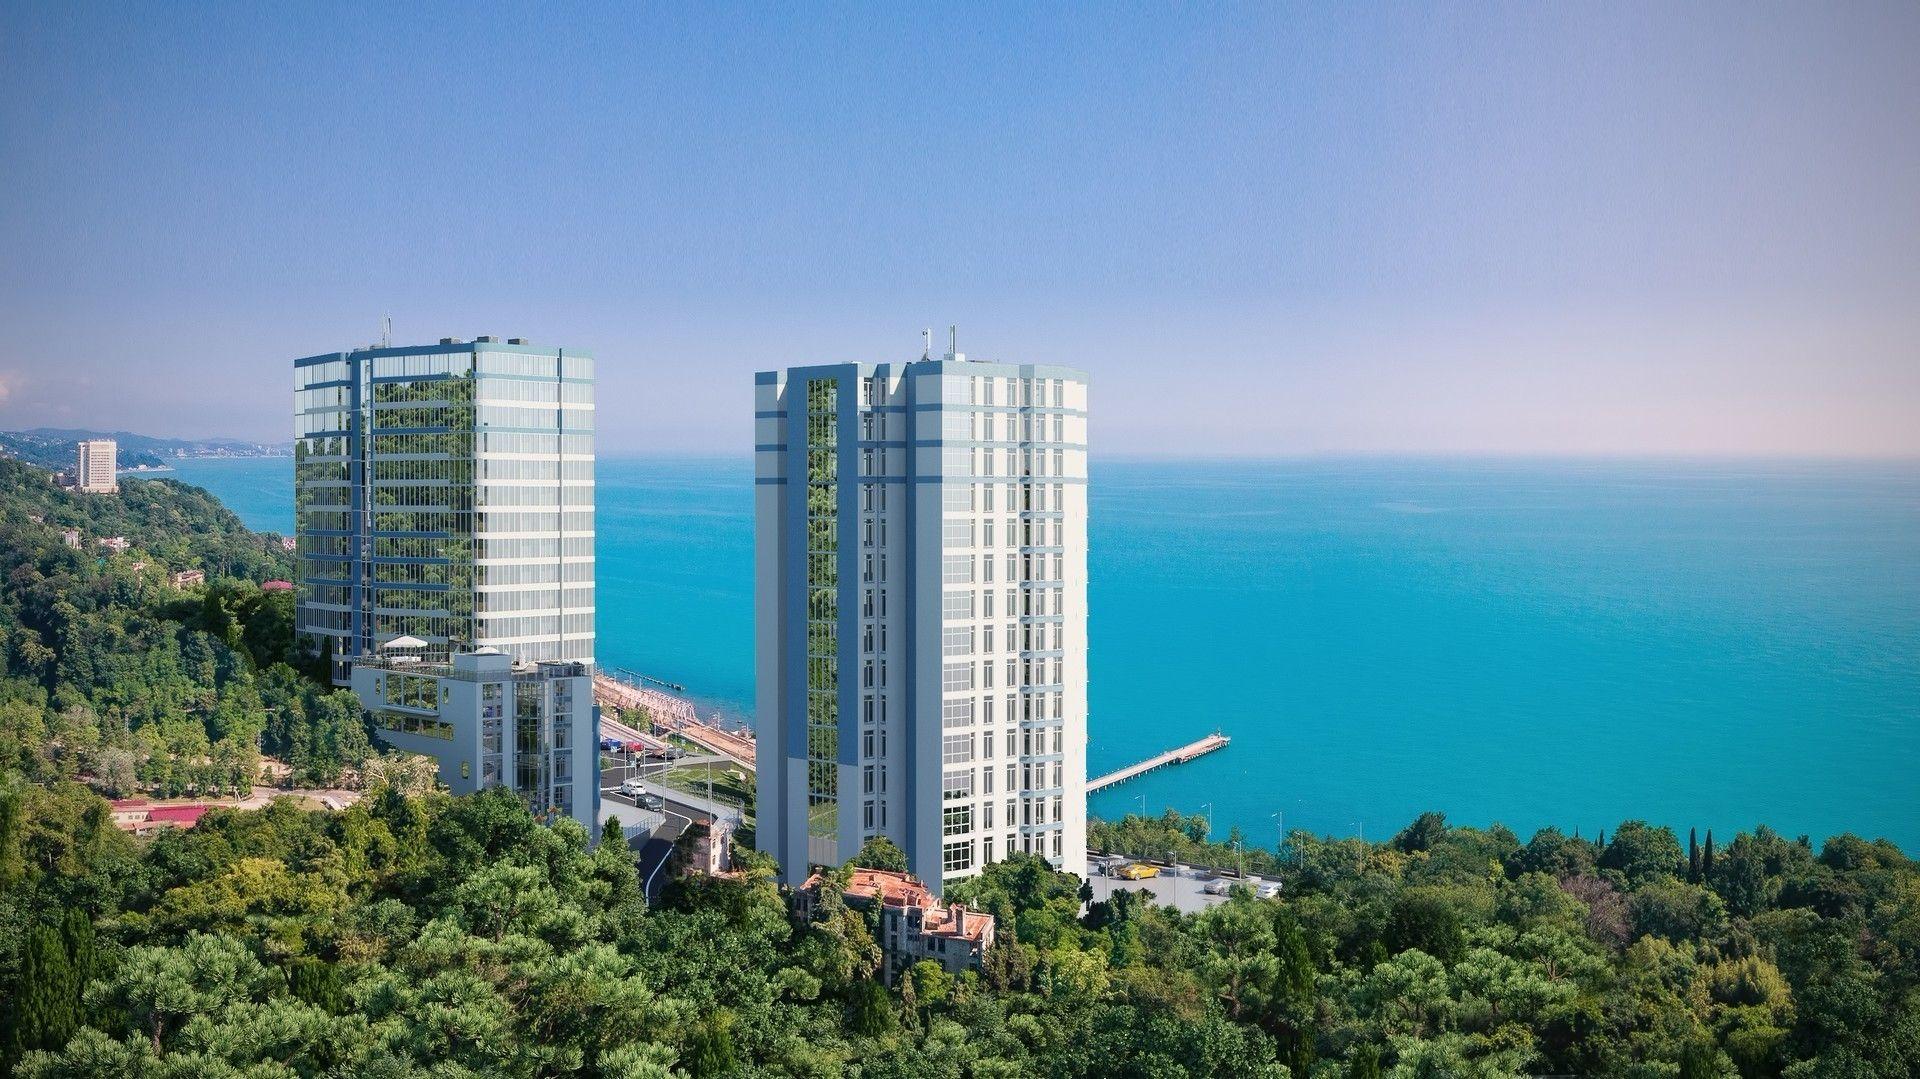 купить квартиру в ЖК Южное море